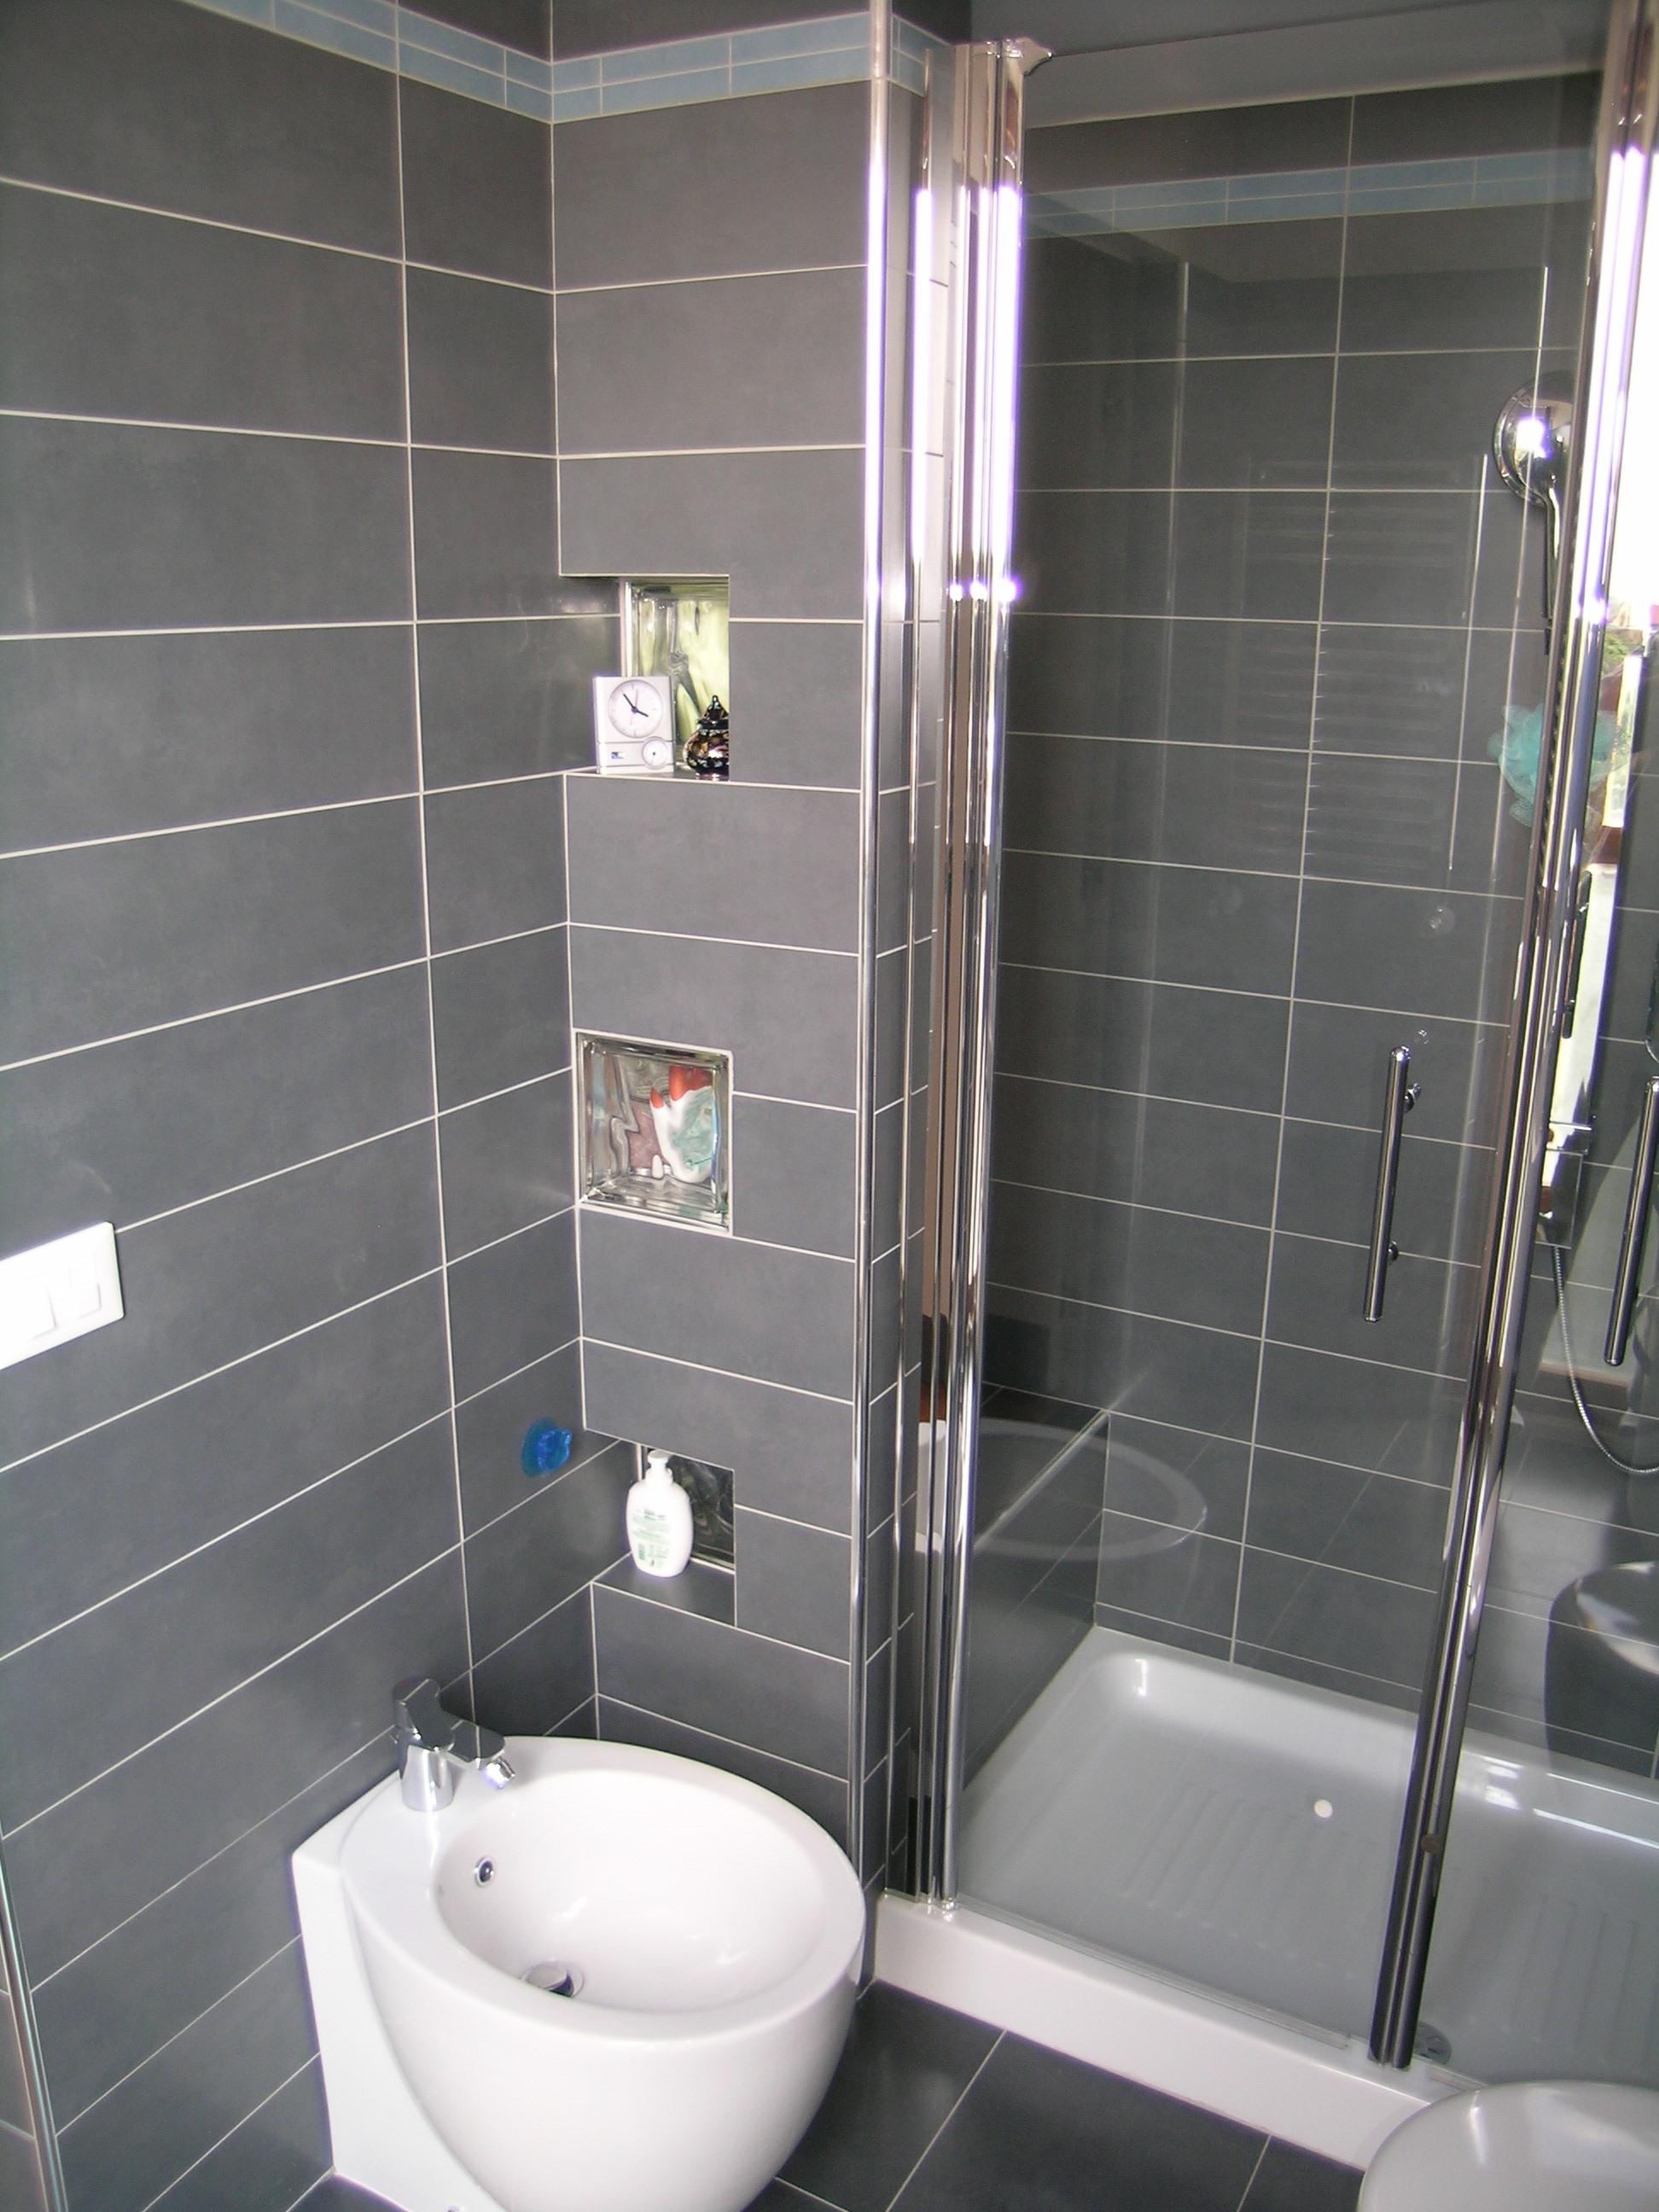 Portfolio giuggiolini luca architettura for Box doccia in muratura foto